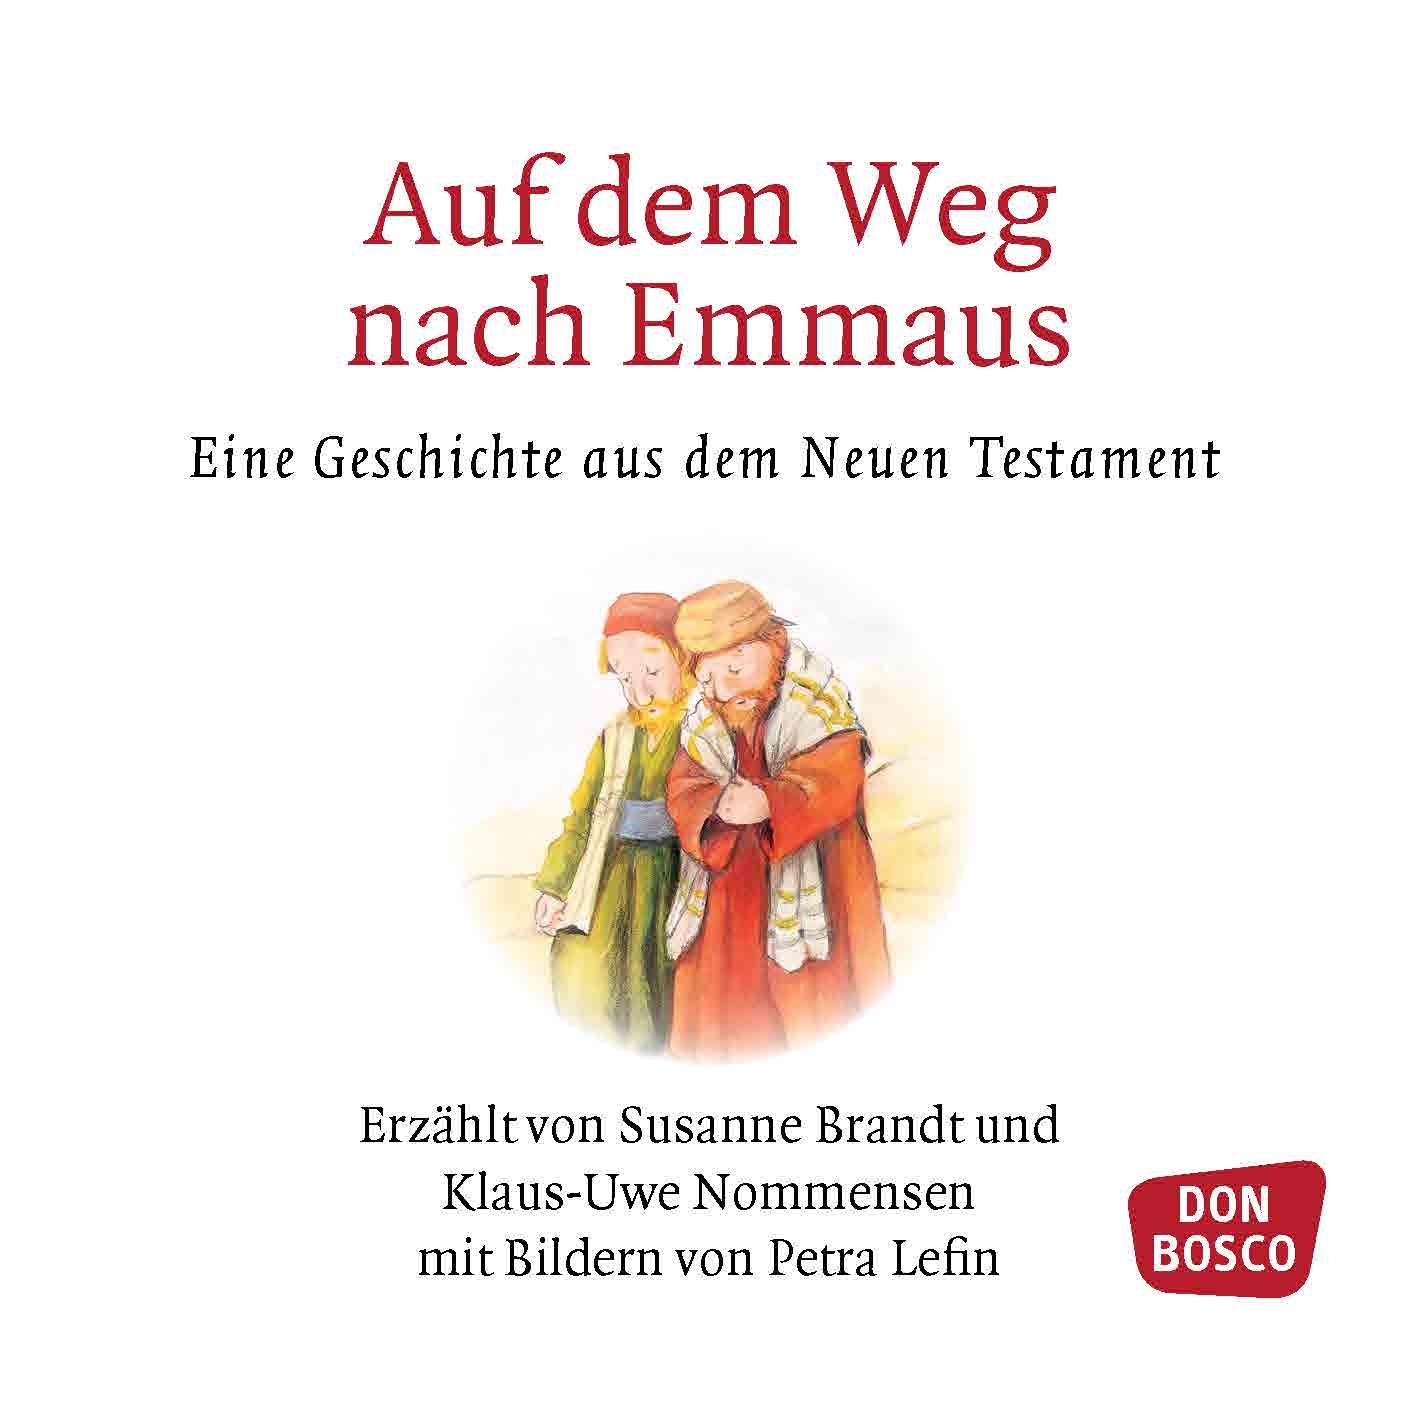 Innenansicht zu Auf dem Weg nach Emmaus. Mini-Bilderbuch.